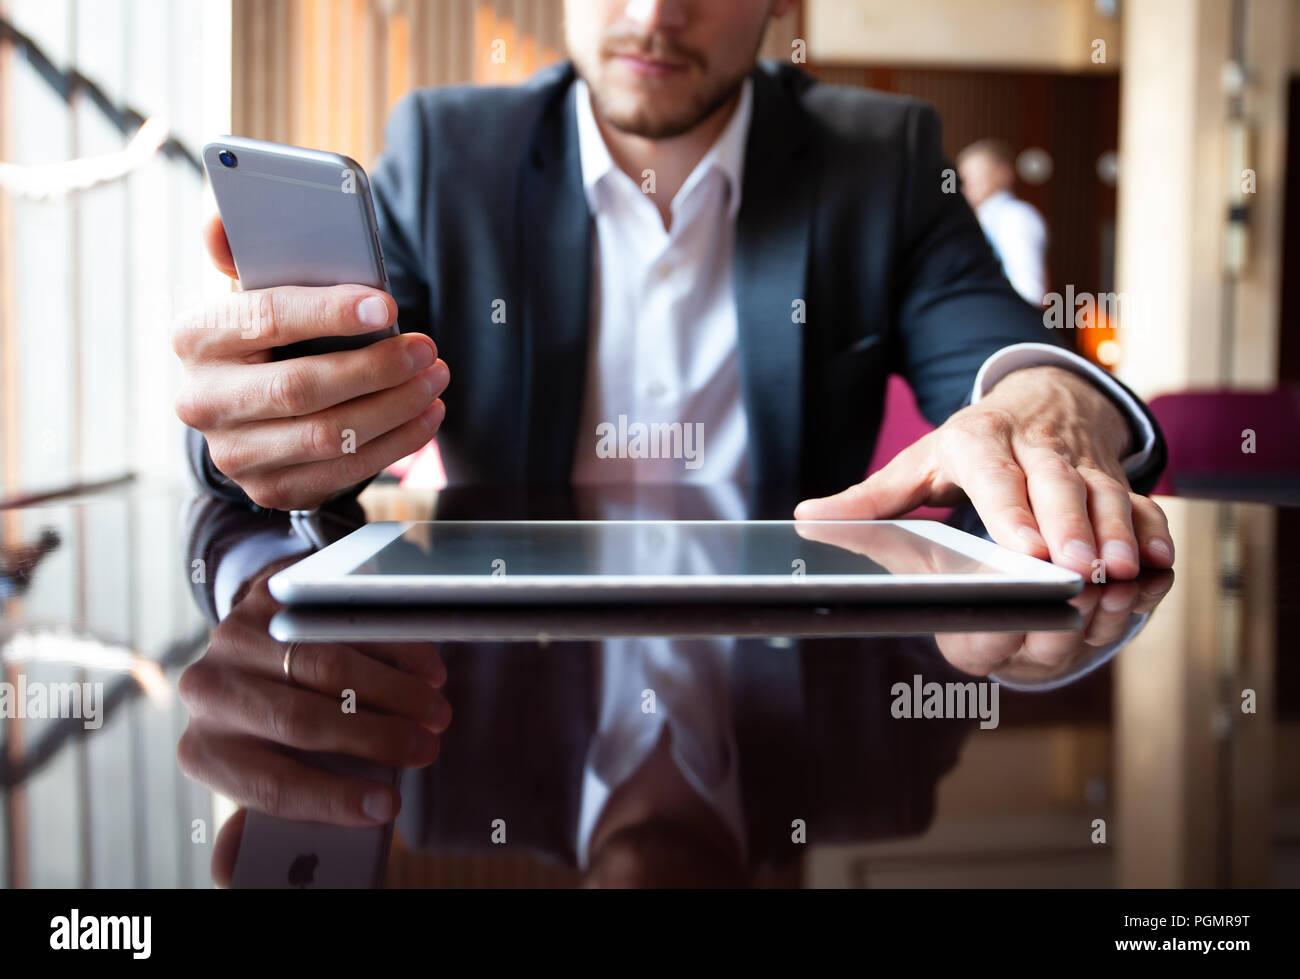 Junge Unternehmer arbeiten mit moderner Geräte, digitale Tablet Computer und Handy. Stockbild